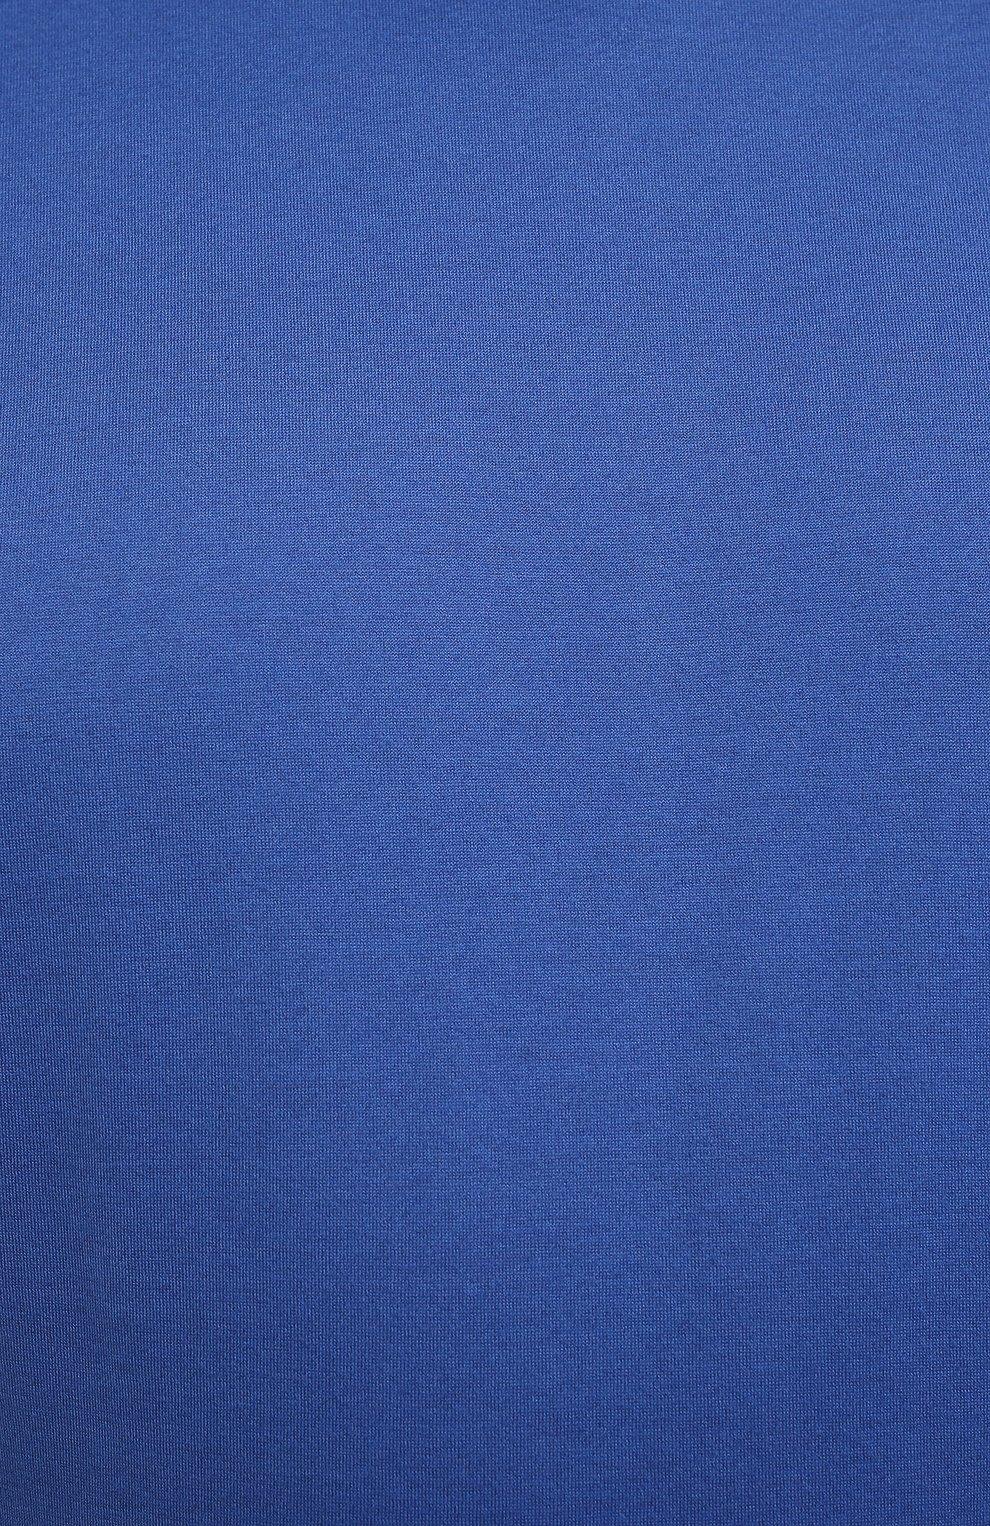 Мужская футболка из хлопка и кашемира KITON синего цвета, арт. UMK0029/4XL-8XL | Фото 5